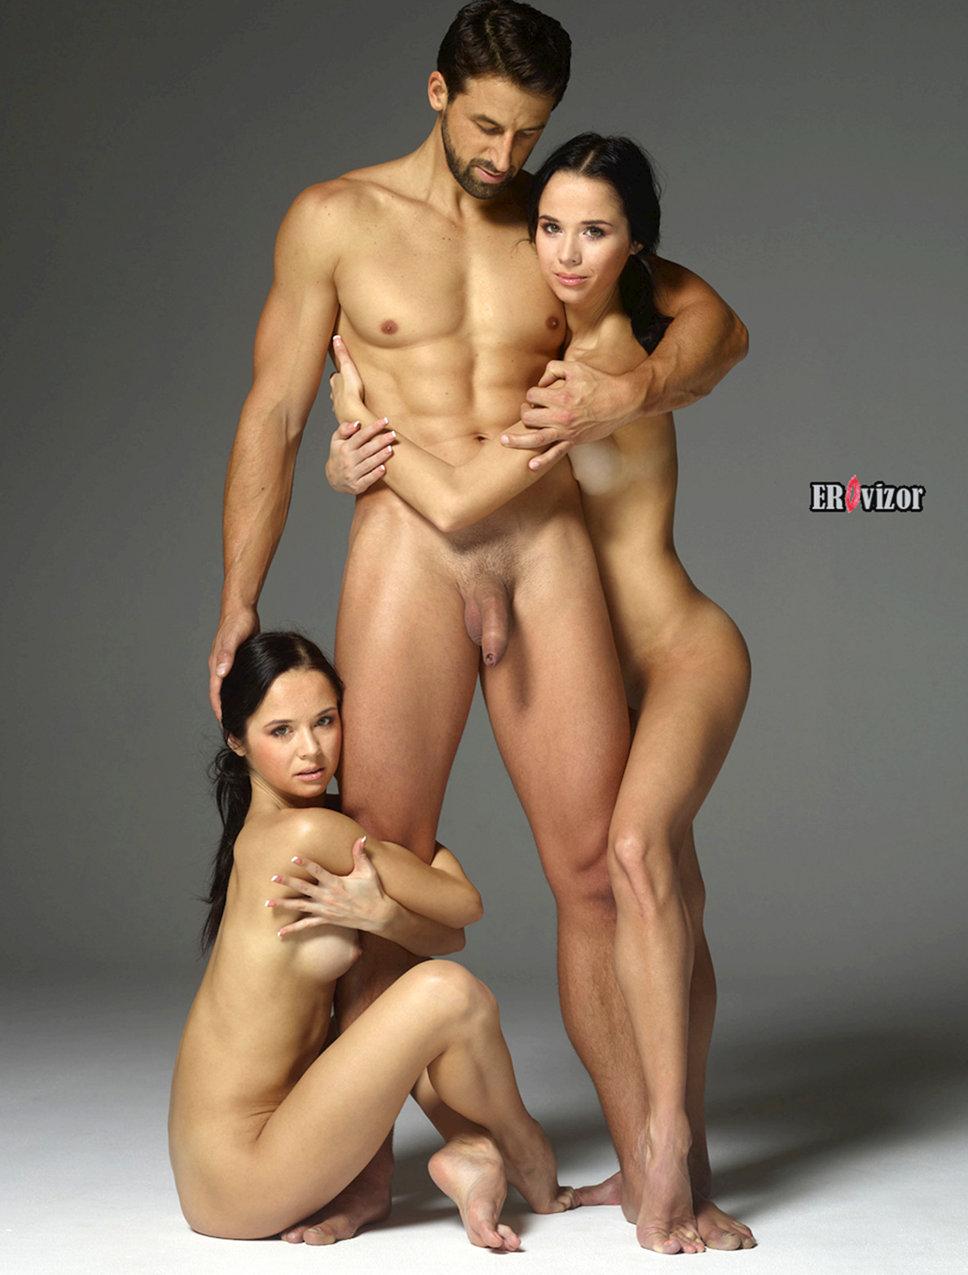 красивые фигуру голых девушек и мужчины